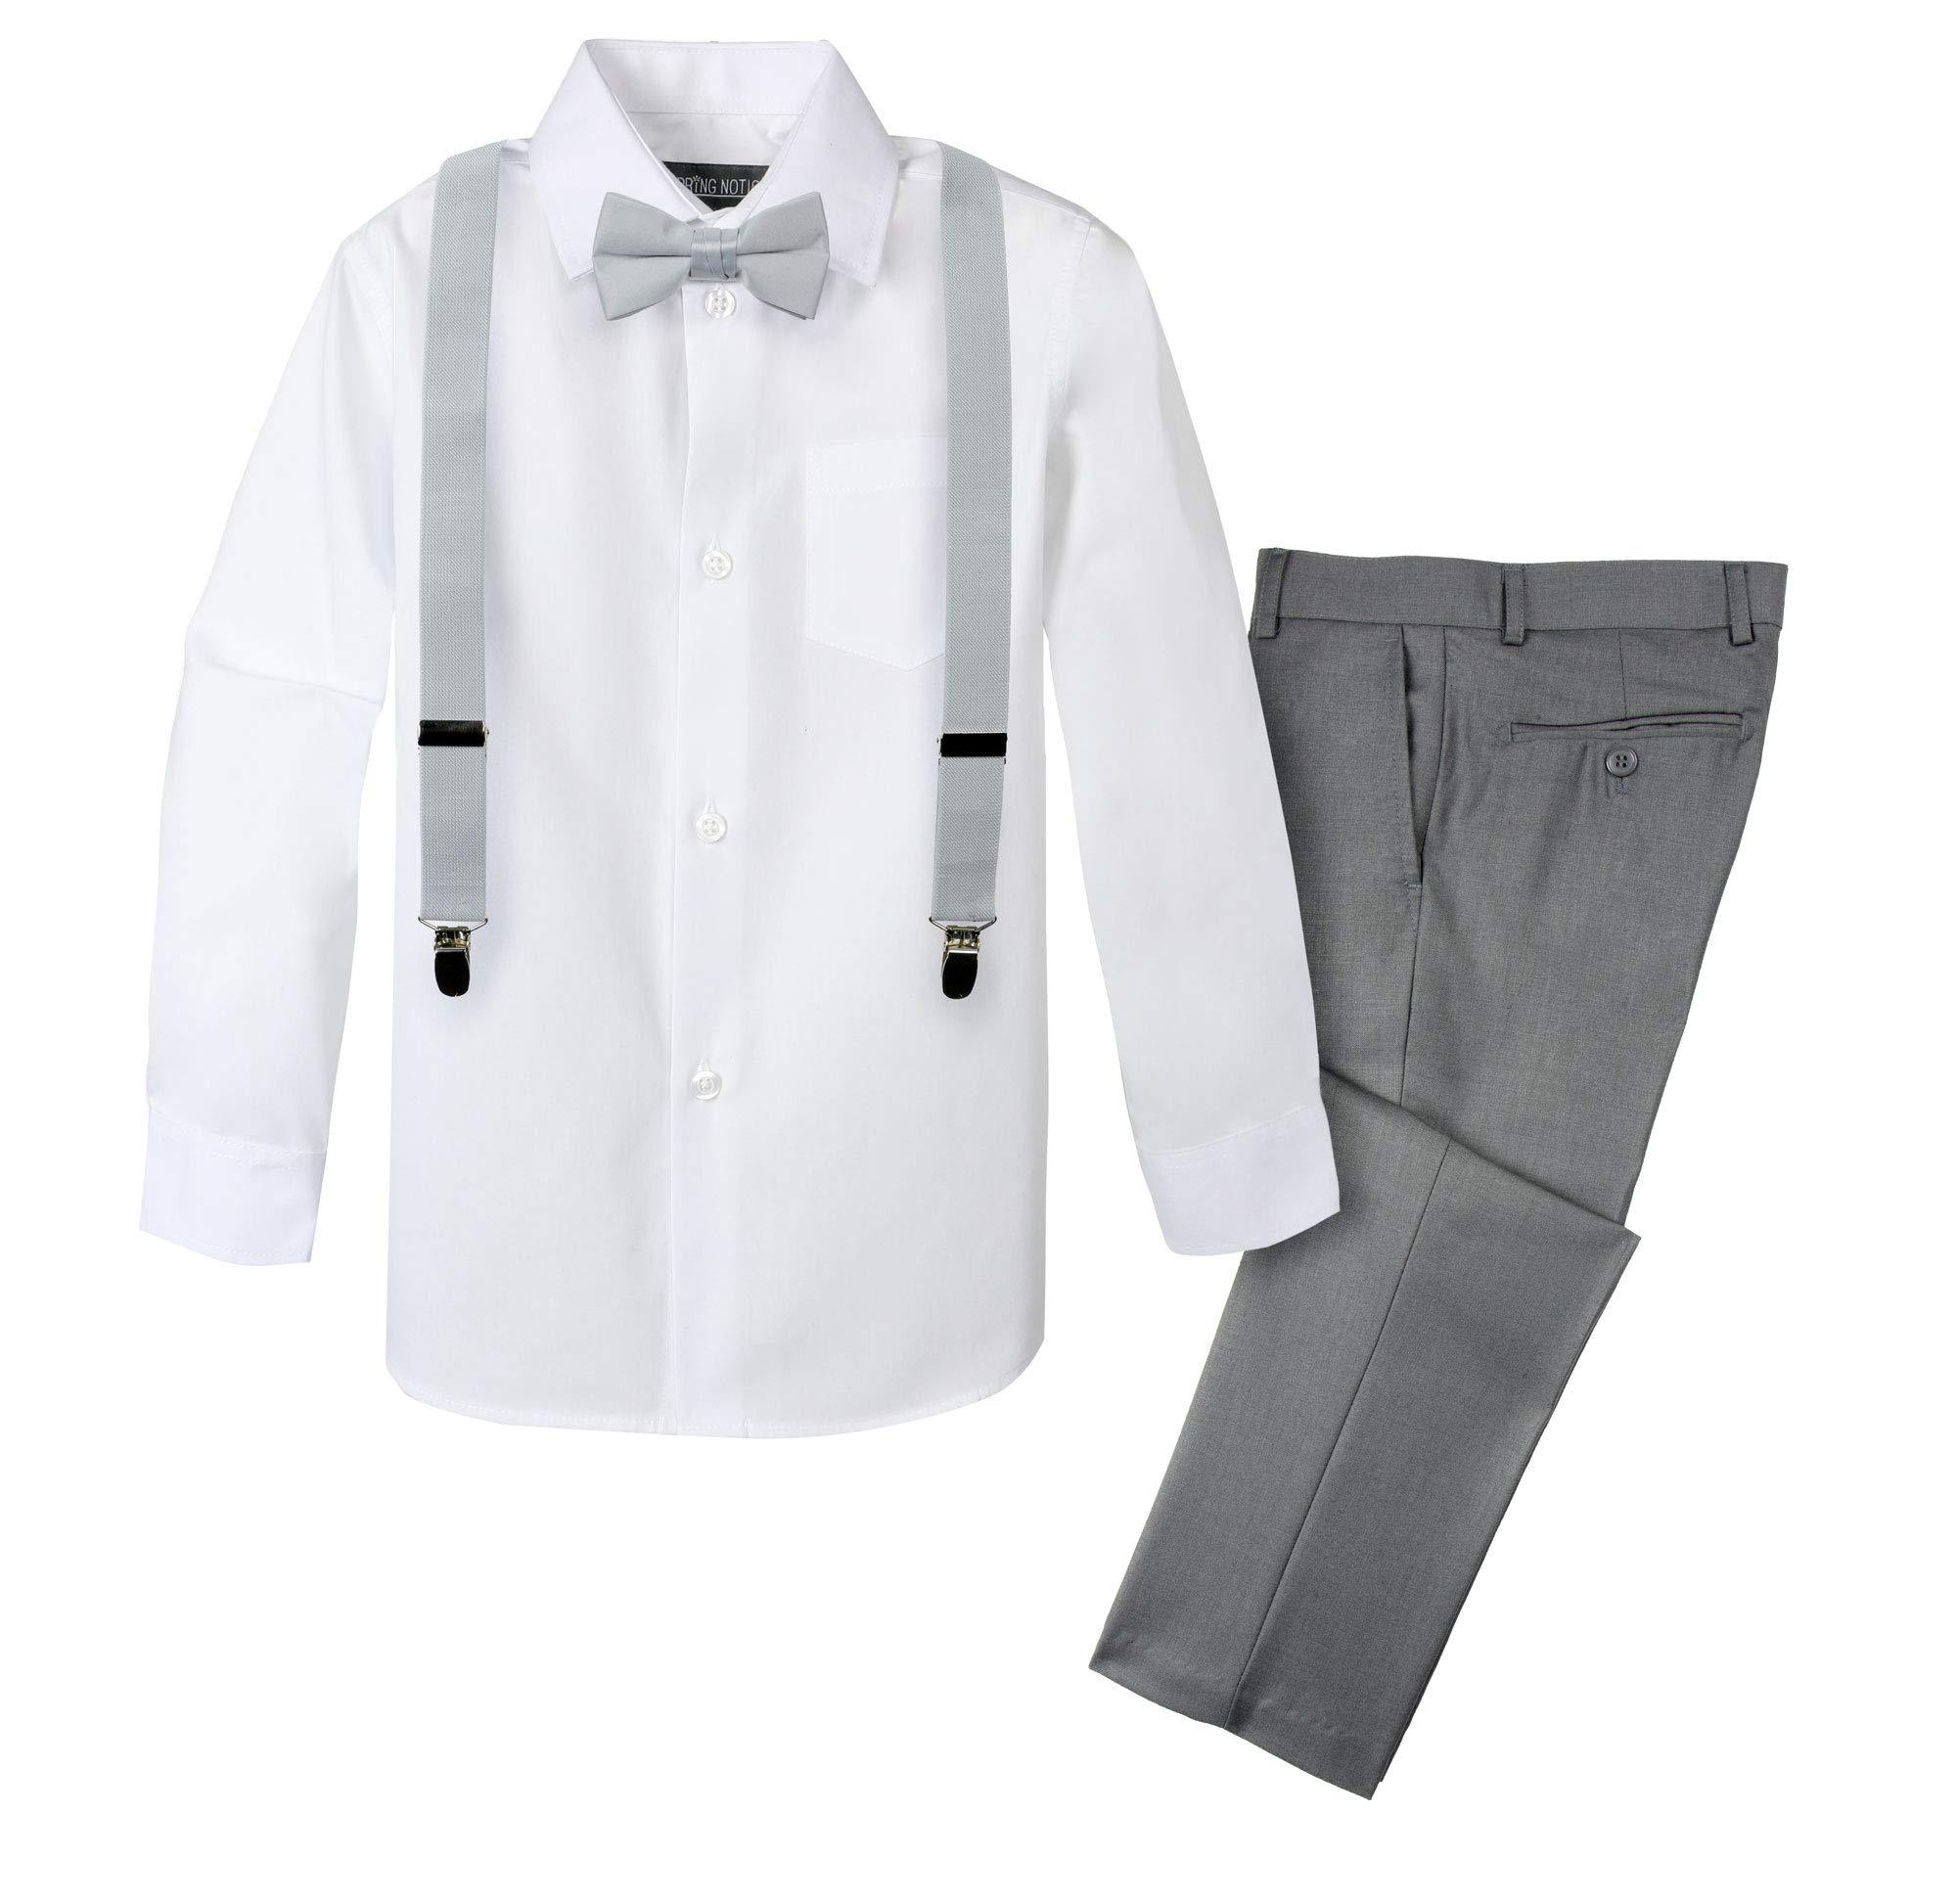 Spring Notion Boys' 4-Piece Suspender Outfit 06 Grey/Grey